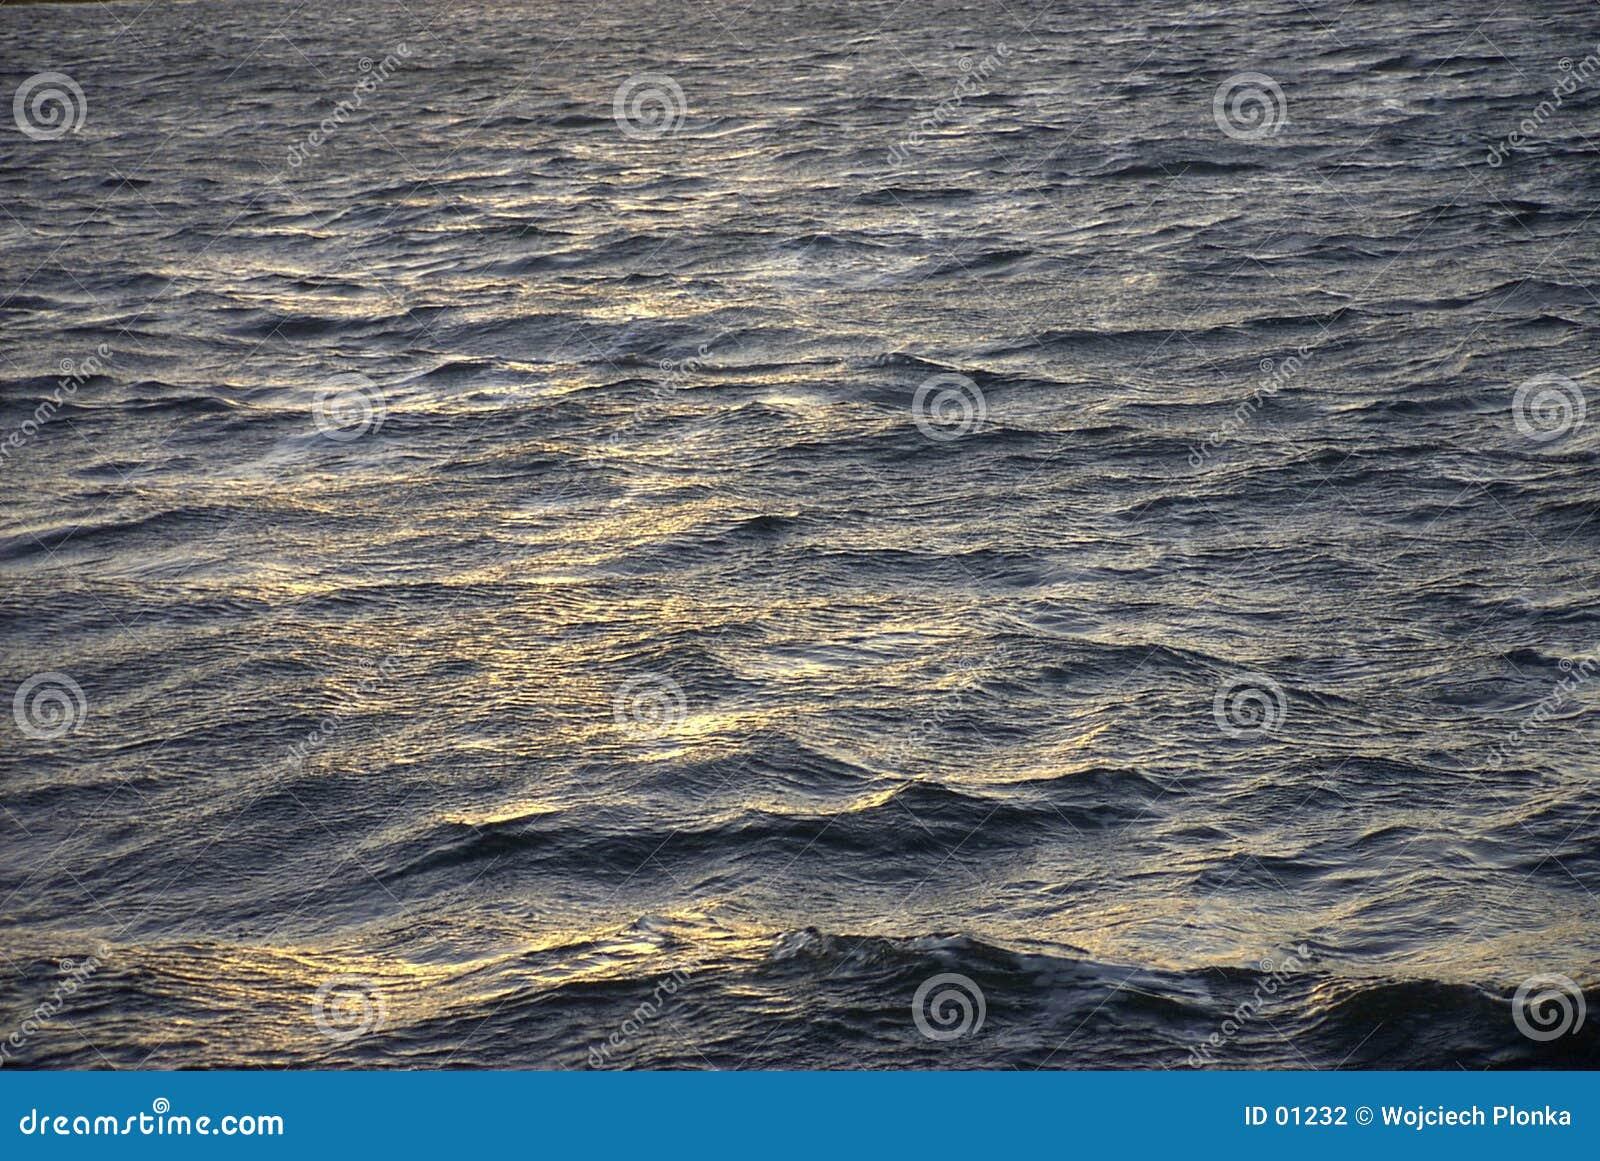 Ondas de água